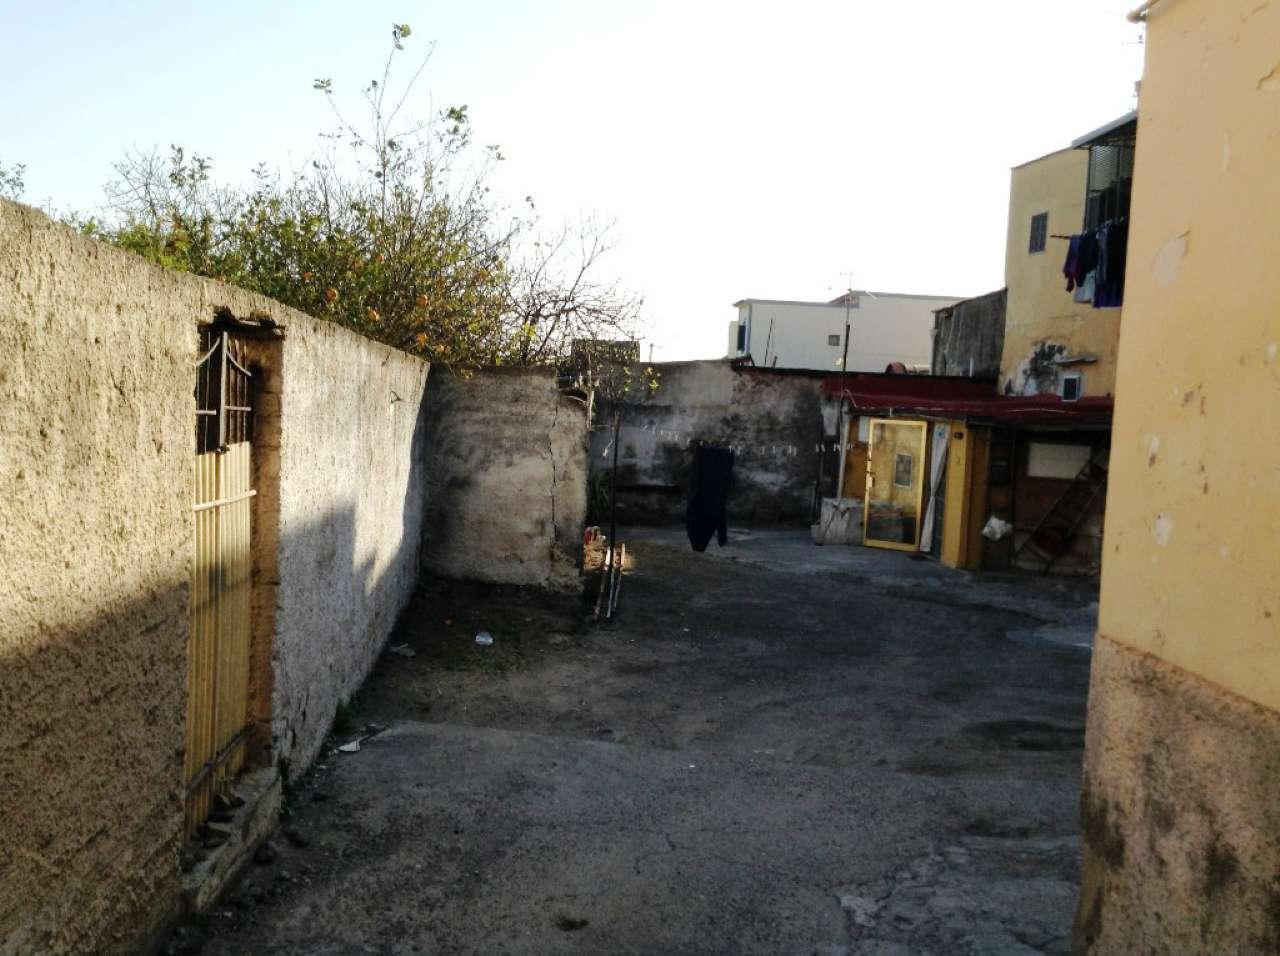 Appartamento in vendita a Torre del Greco, 1 locali, prezzo € 55.000 | CambioCasa.it